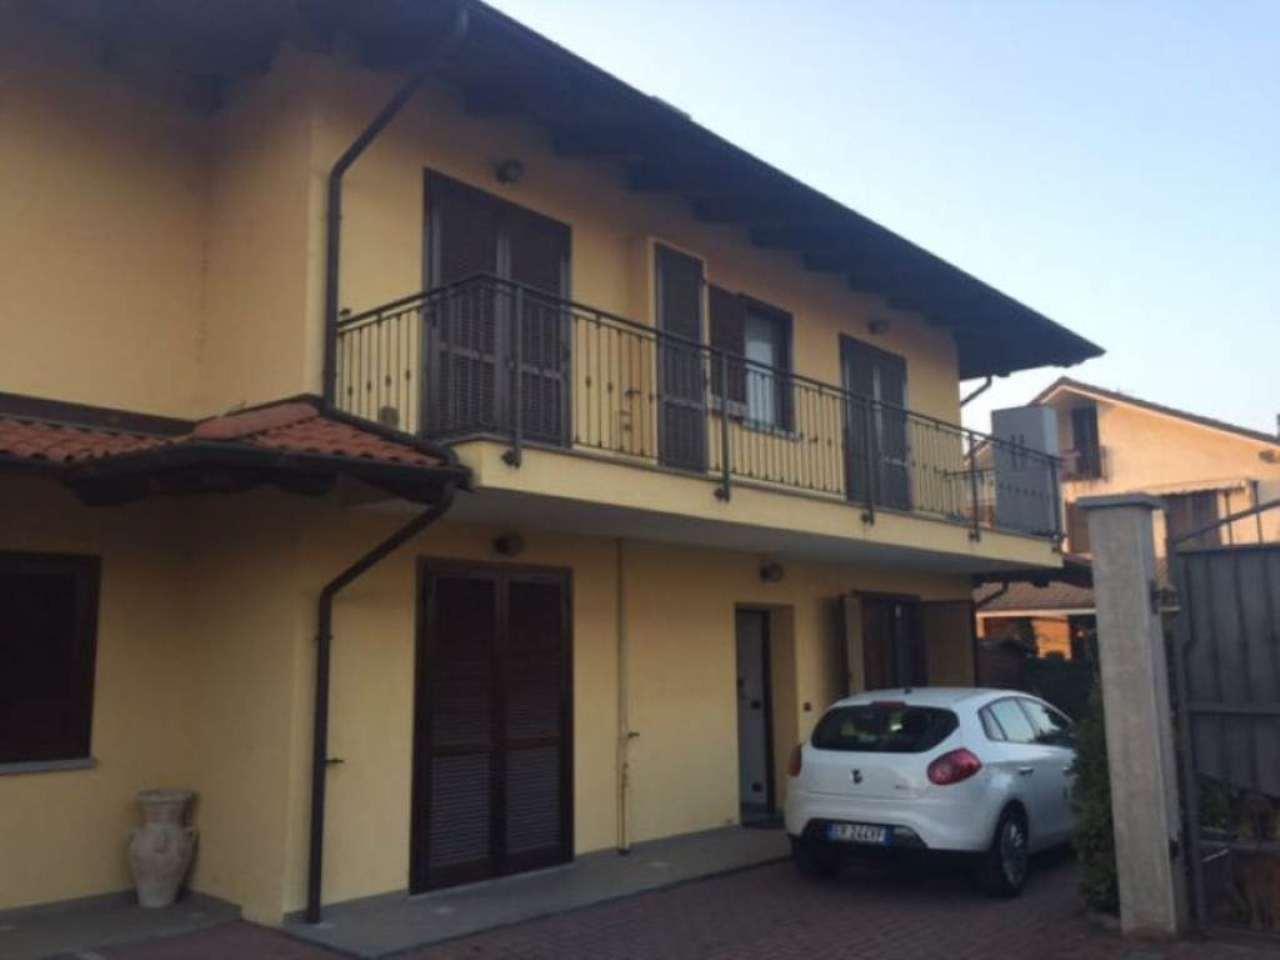 Appartamento in vendita a Macello, 3 locali, prezzo € 80.000 | CambioCasa.it